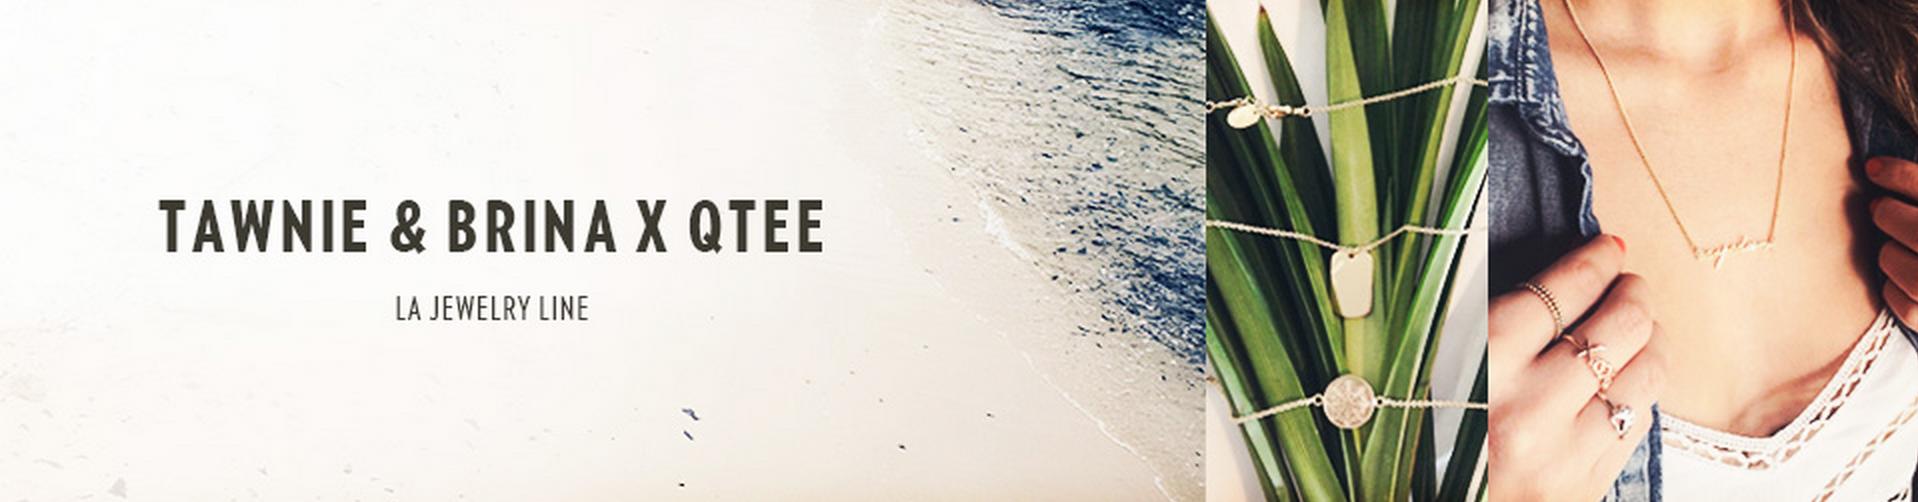 www.Qtee.com